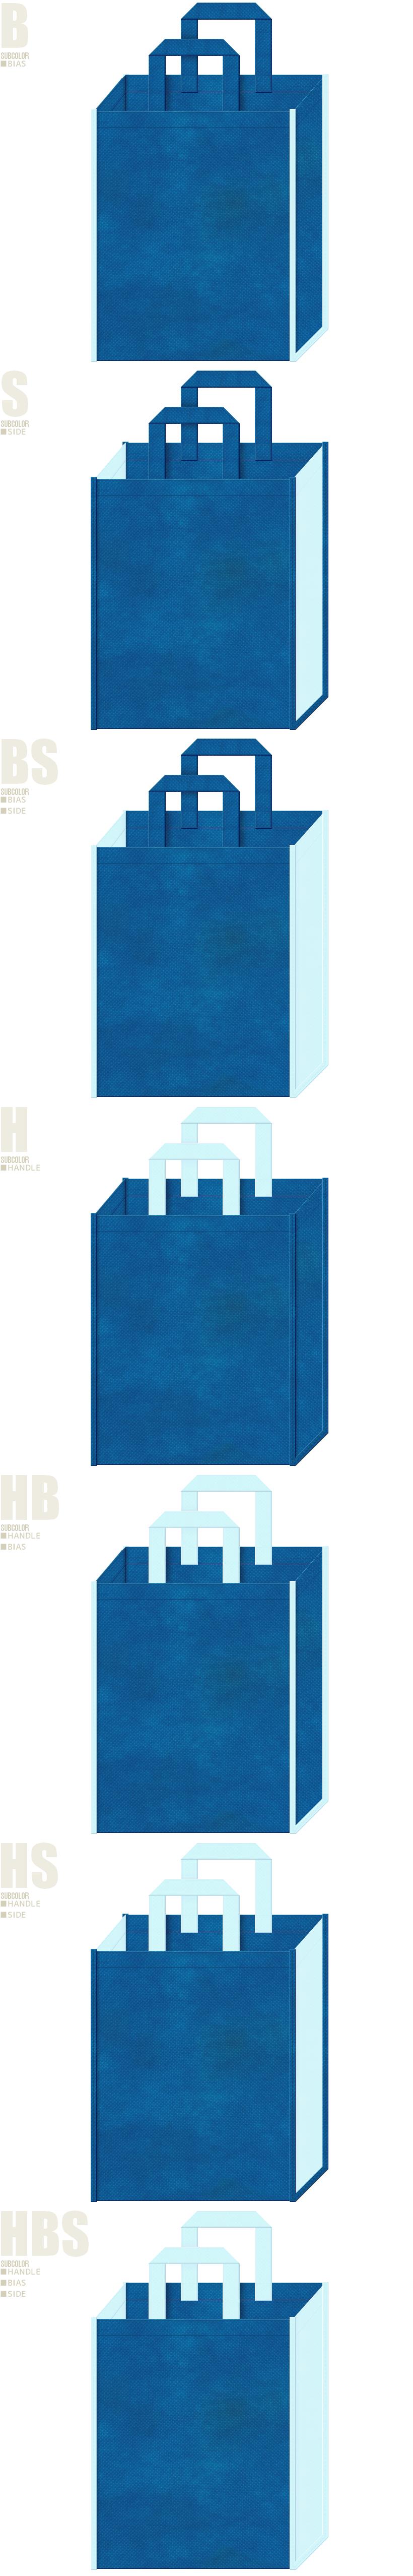 水族館・アクアリウム・水素・人工知能・ビーチ用品の展示会用バッグにお奨めの不織布バッグデザイン:青色と水色の不織布バッグ配色7パターン